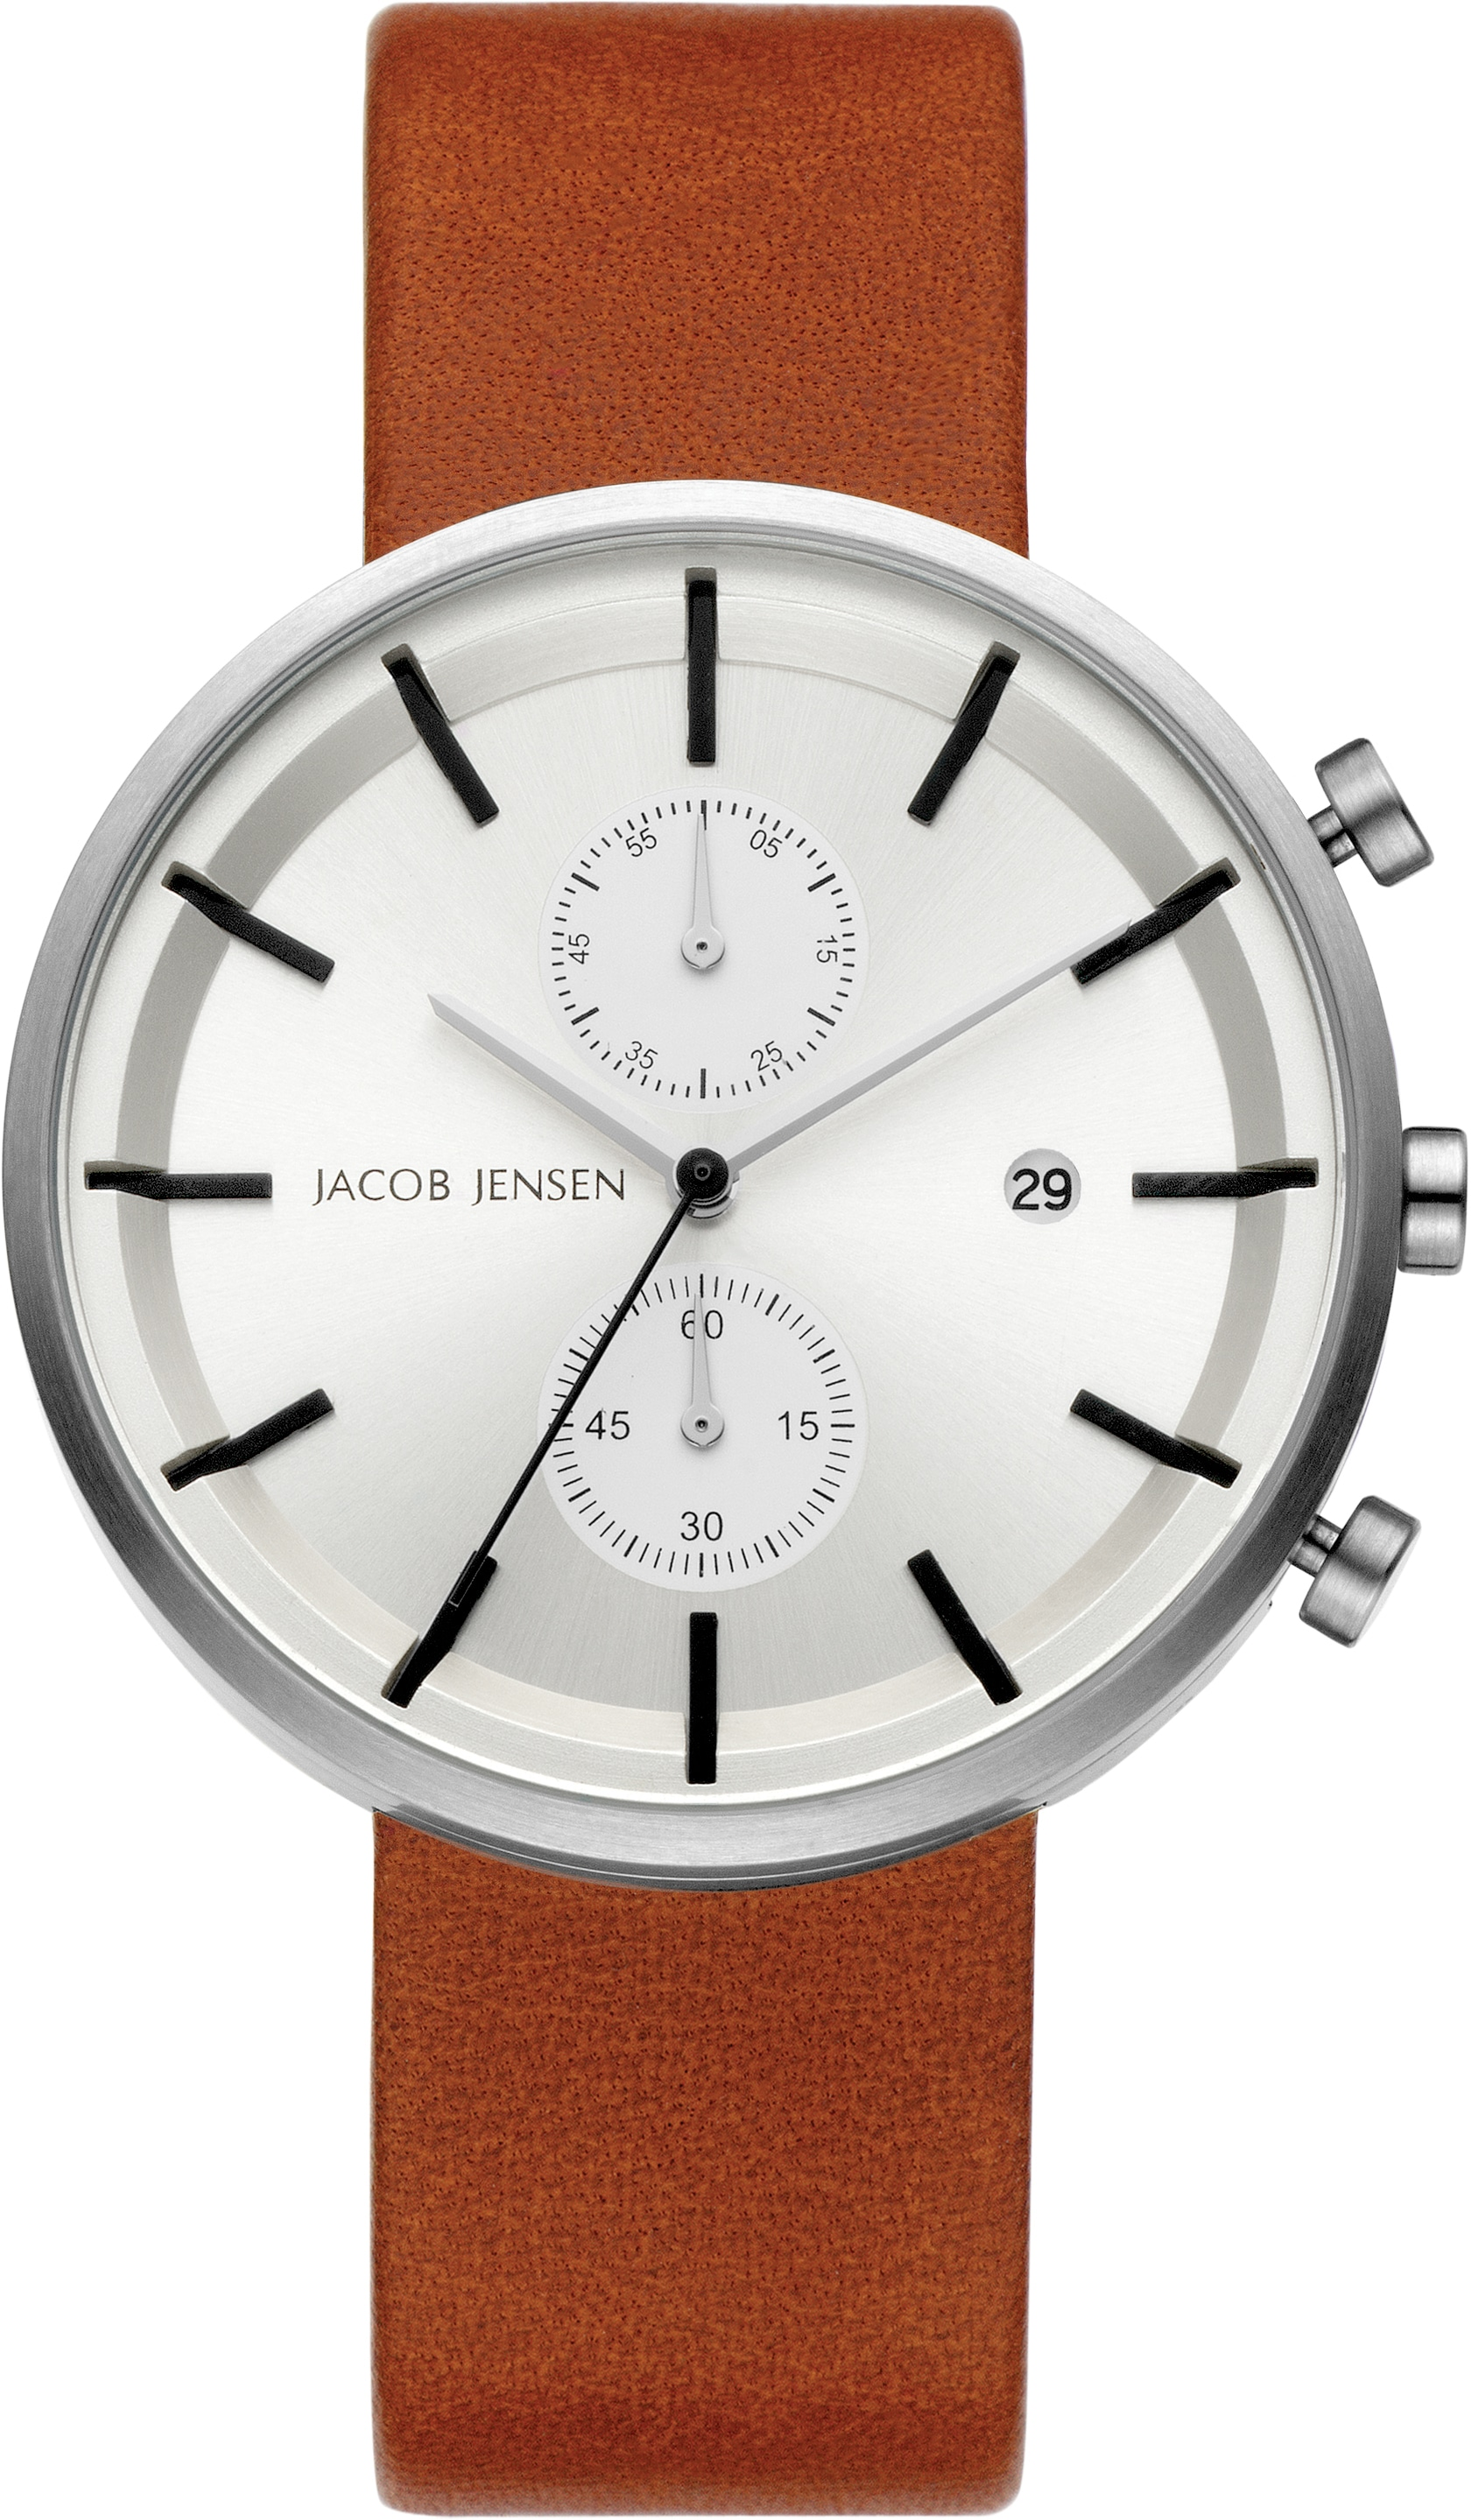 Jacob Jensen Chronograph 622 günstig online kaufen